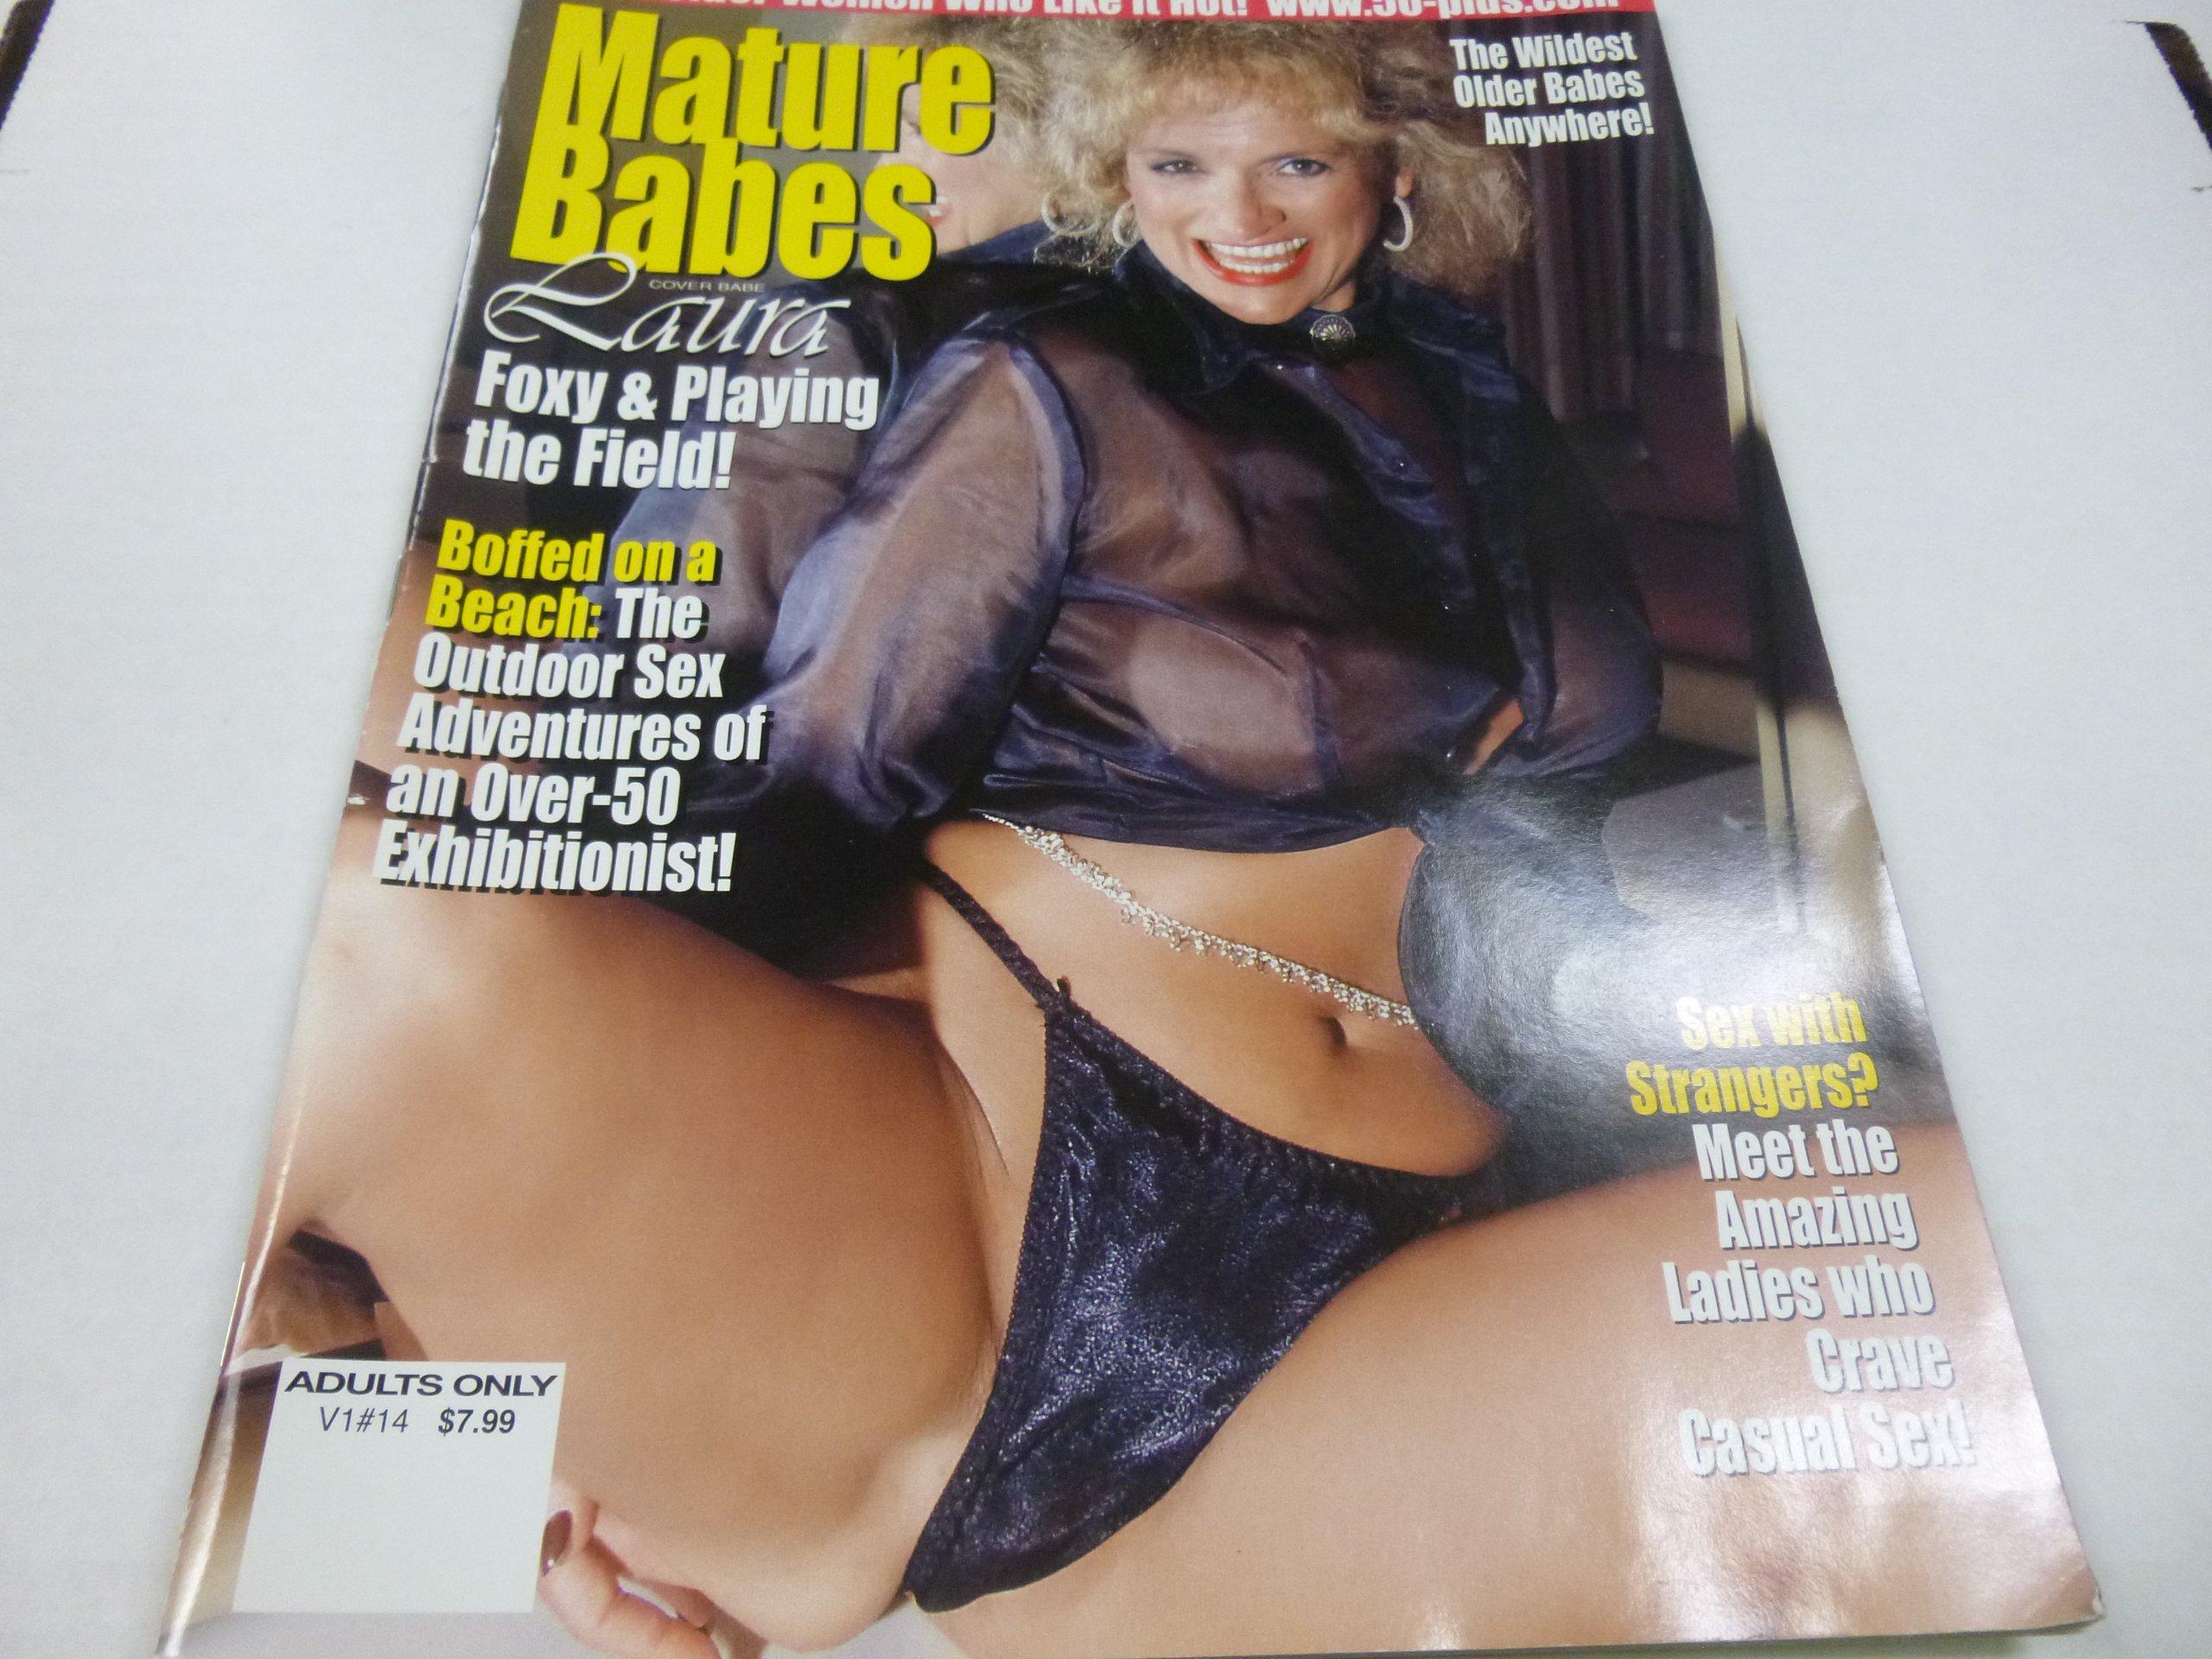 Busty mature women outdoors